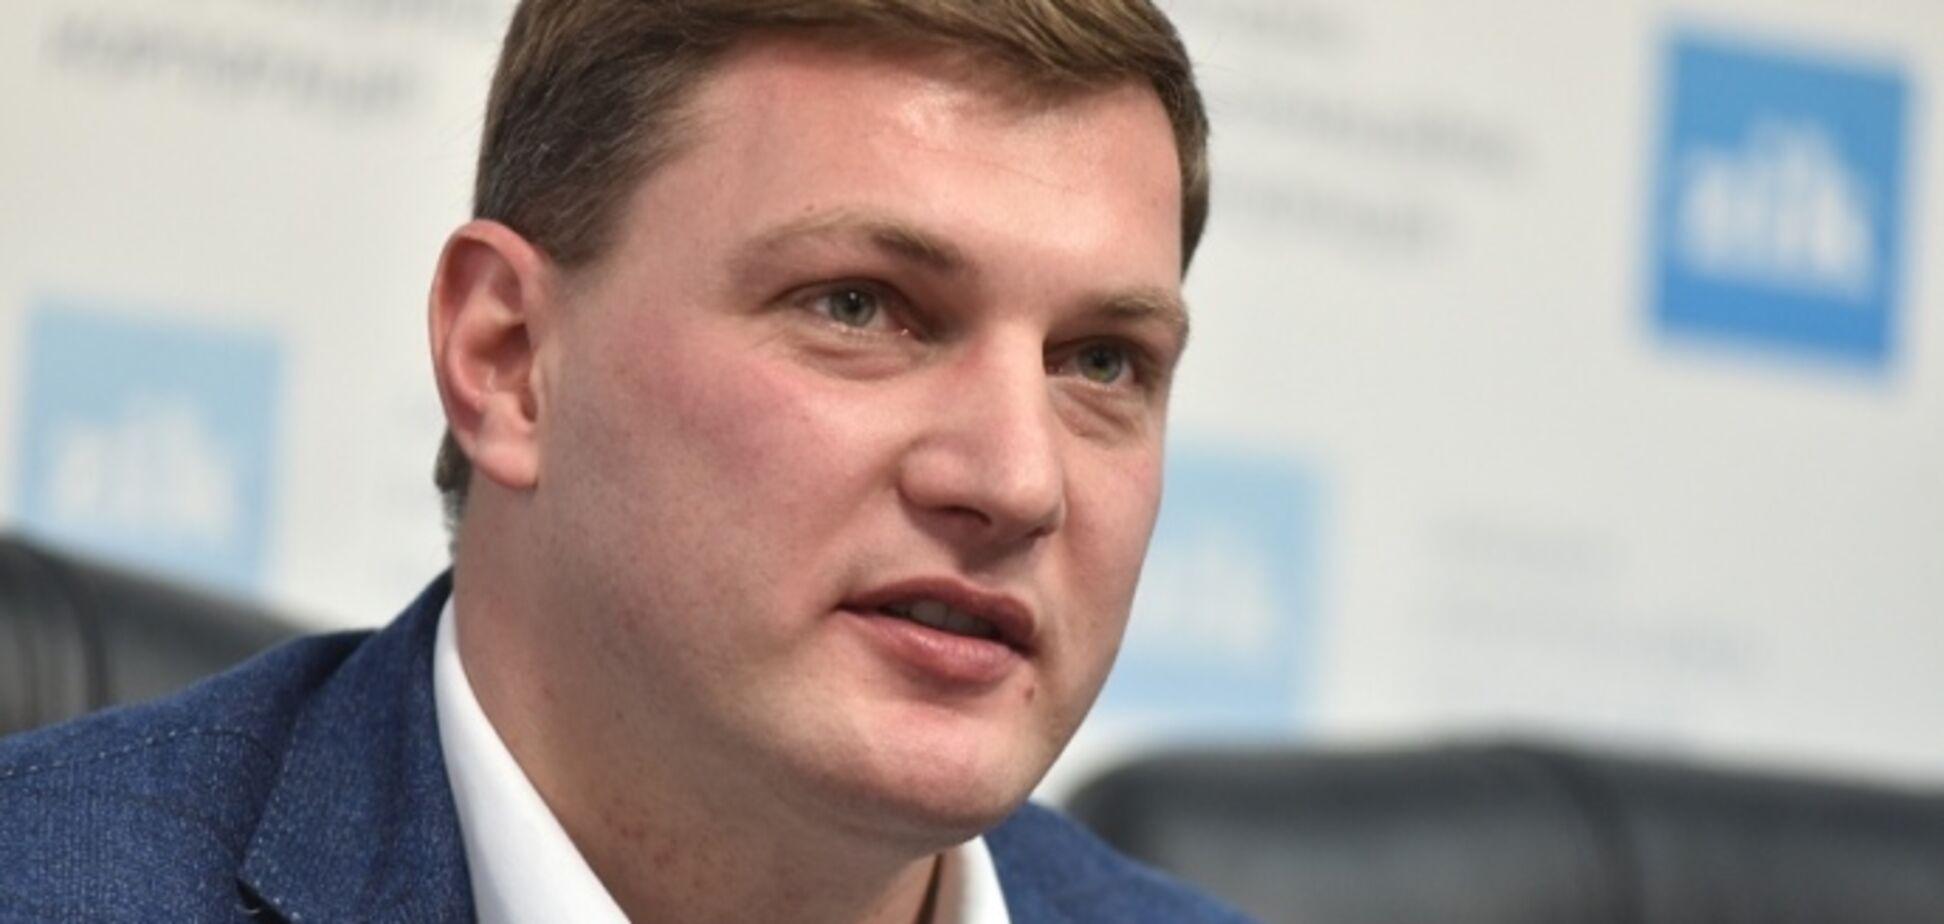 Син популярної української співачки очолив держкомпанію: що про нього відомо